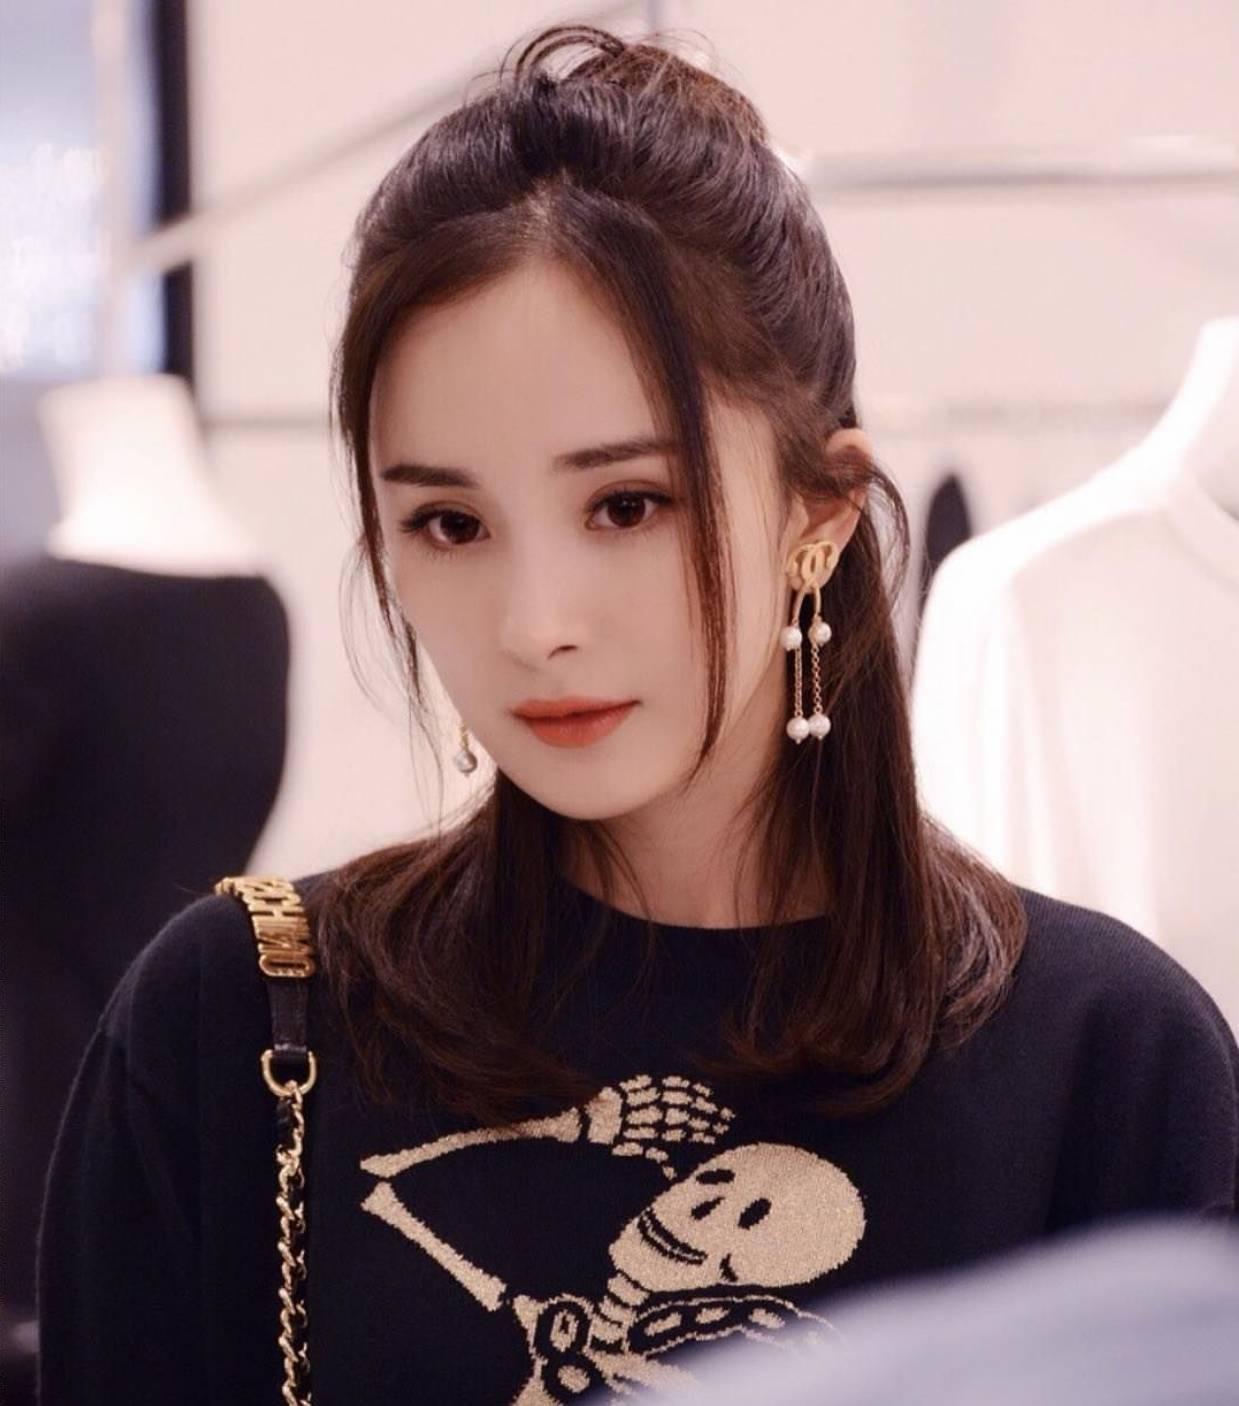 2018明星身价排行榜_杨幂刘恺威刘诗诗吴奇隆 明星情侣夫妻身价PK